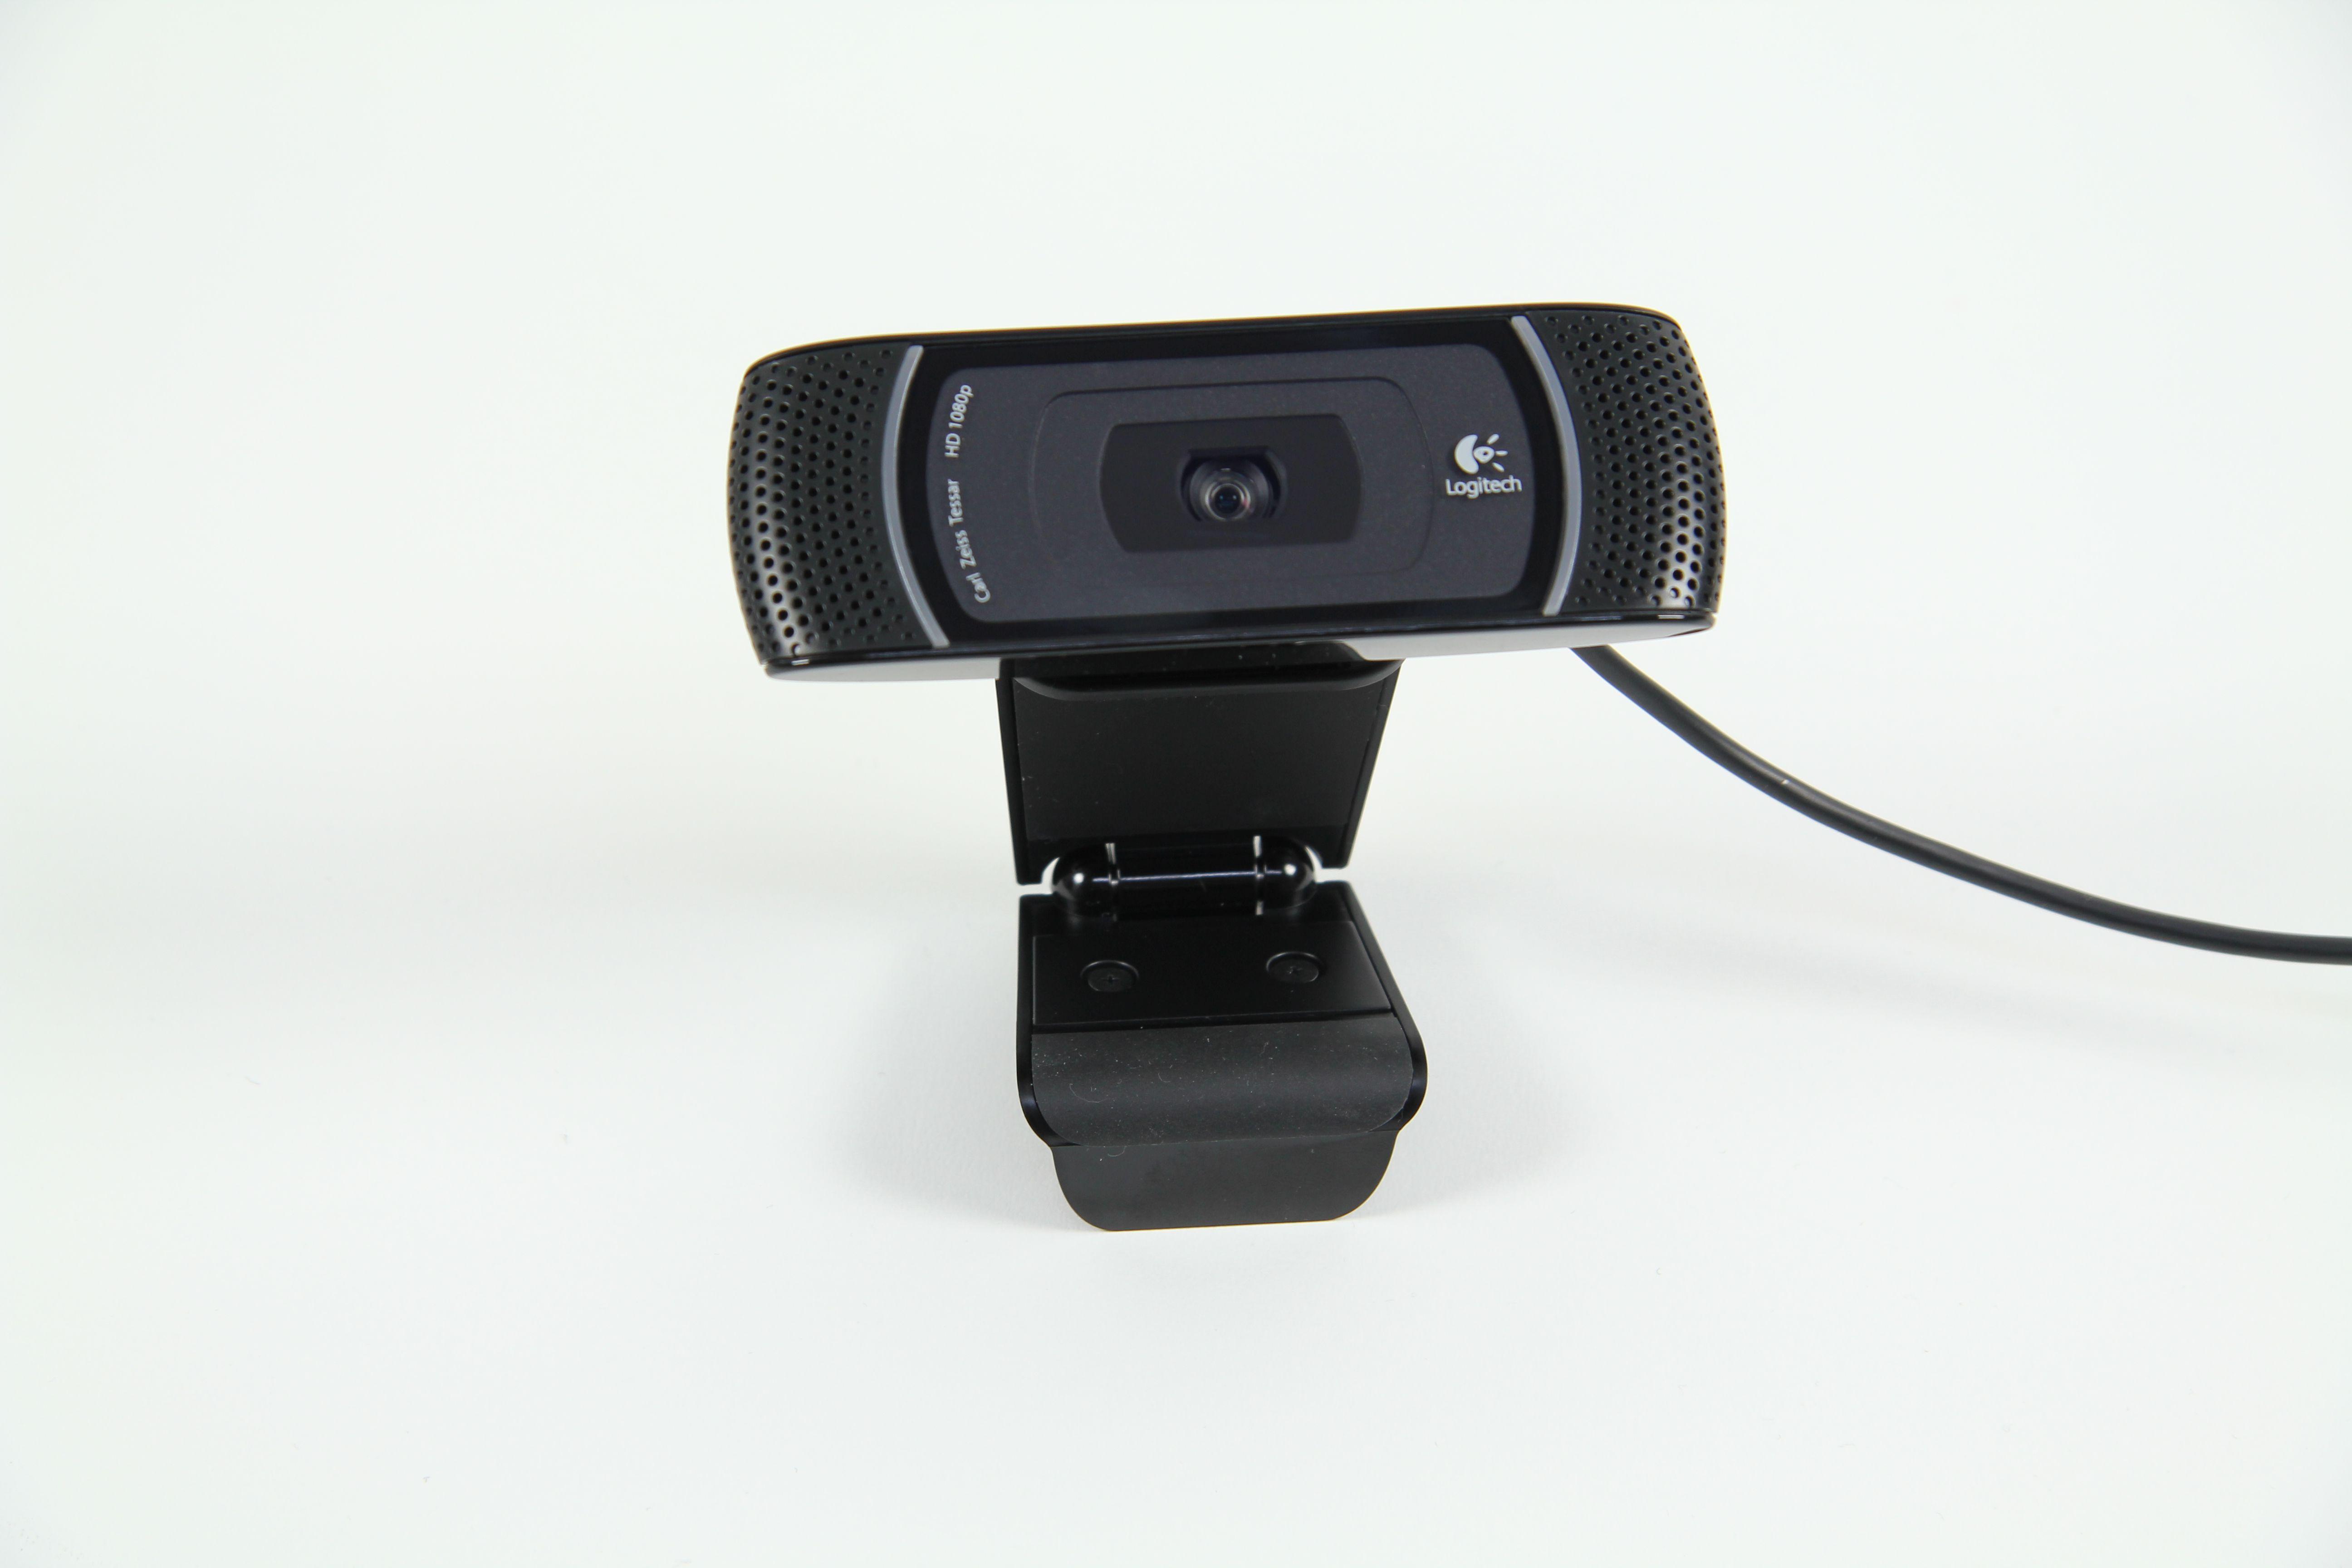 01-Supportnet-testet-Die-Logitech-HD-Pro-Webcam-c910-mit-Video-Kamera-470.JPG?nocache=1324305070599